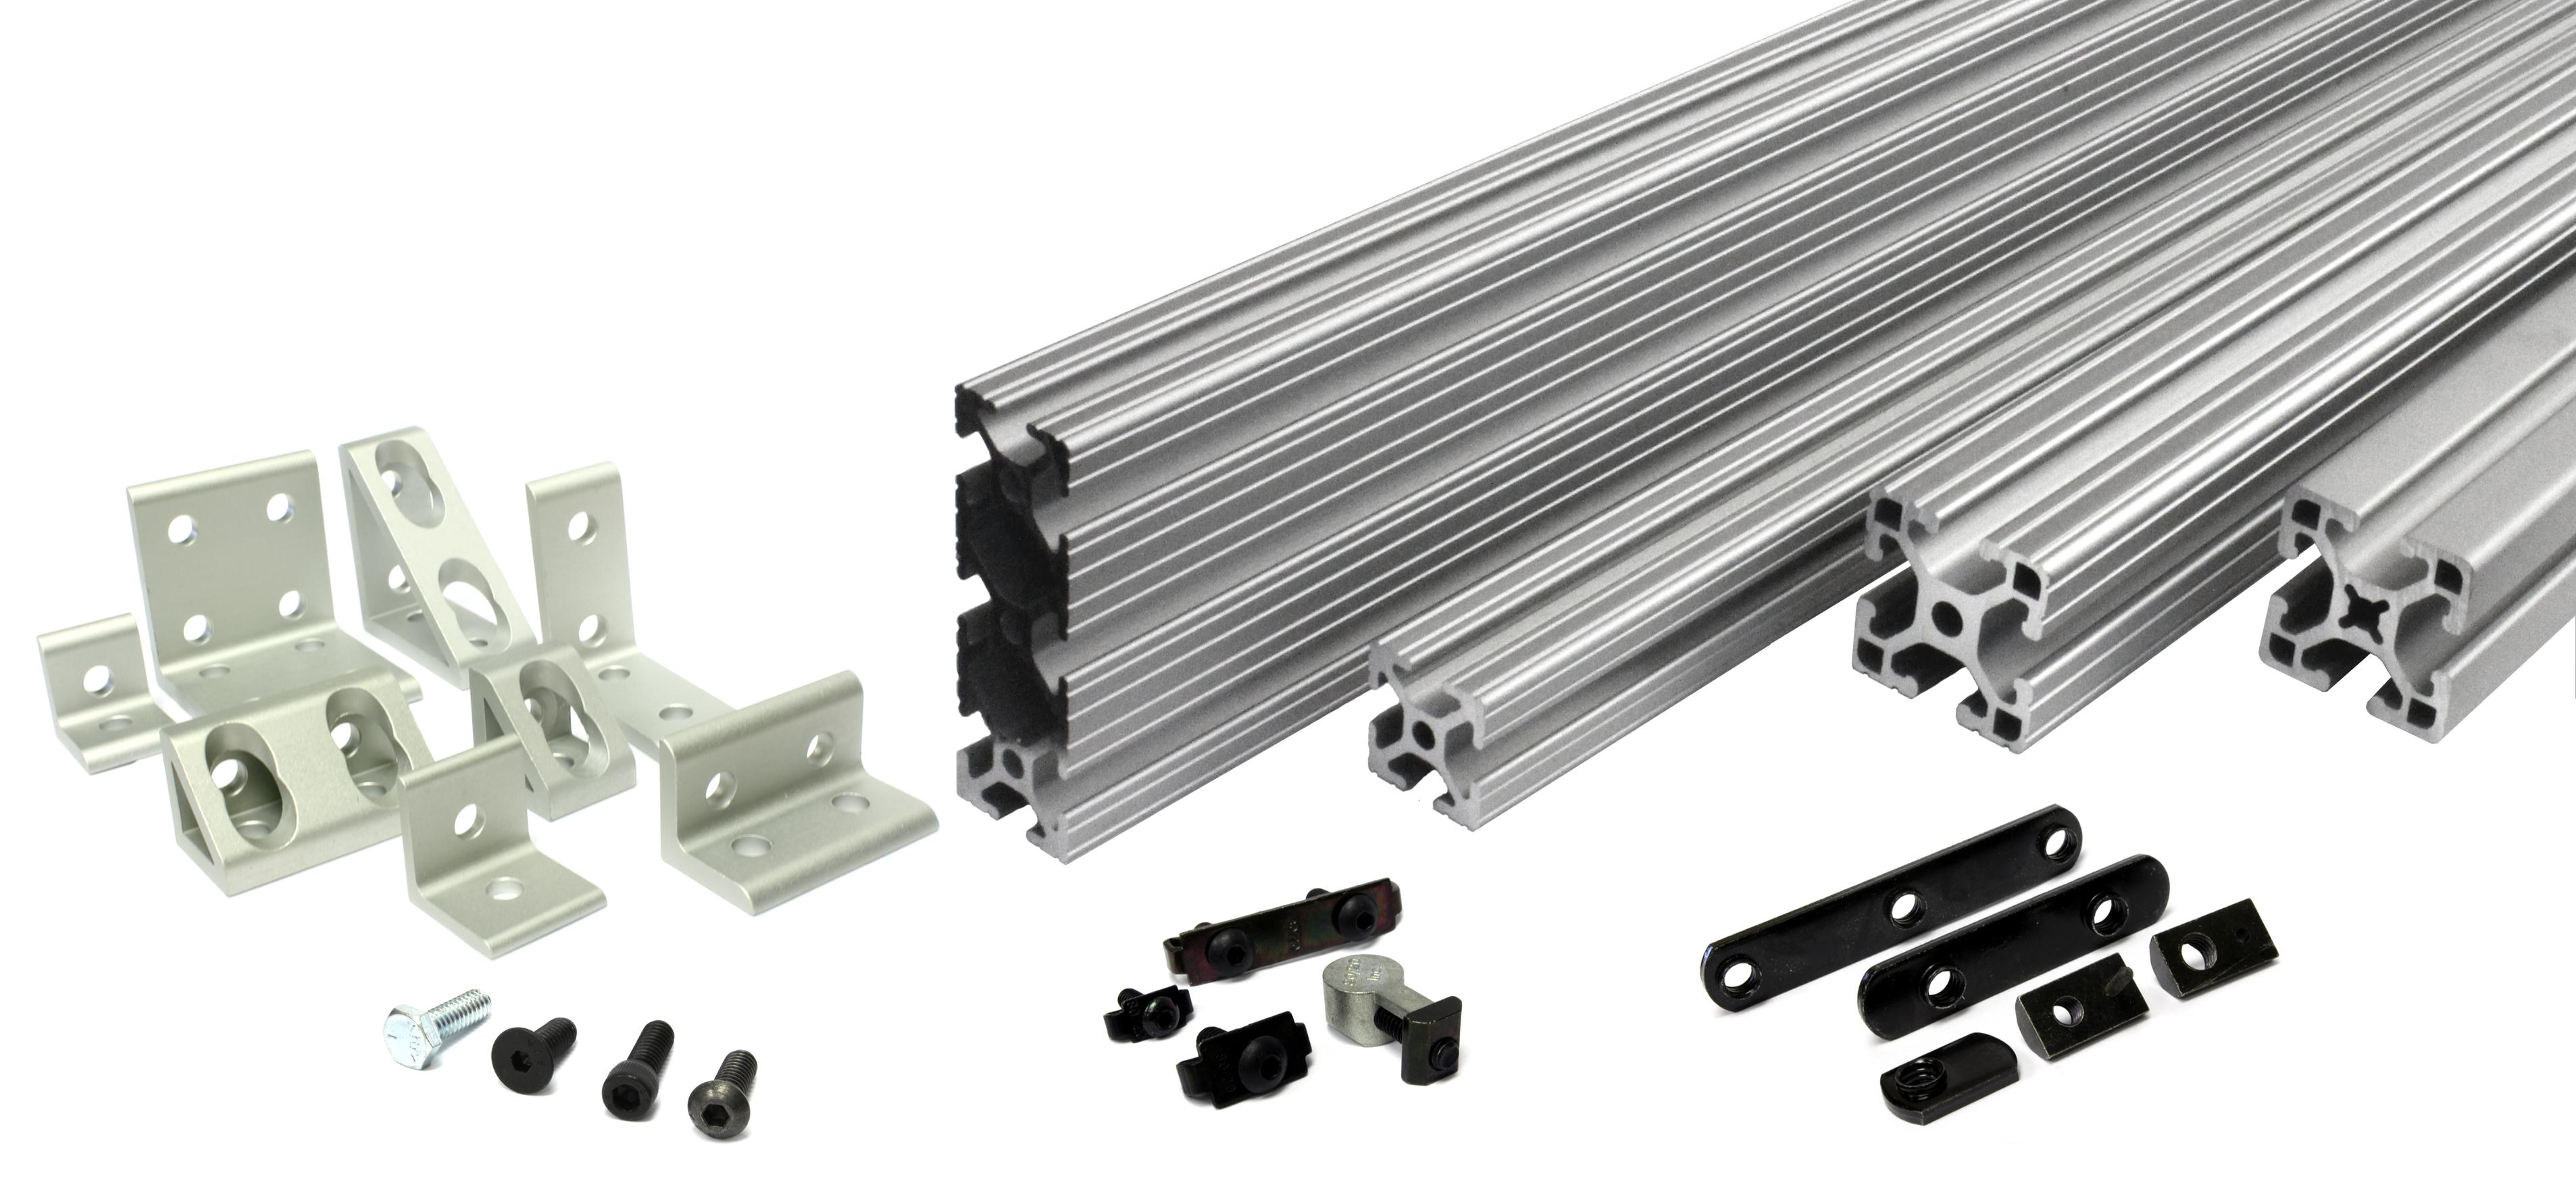 80/20 Aluminum Extrusion System